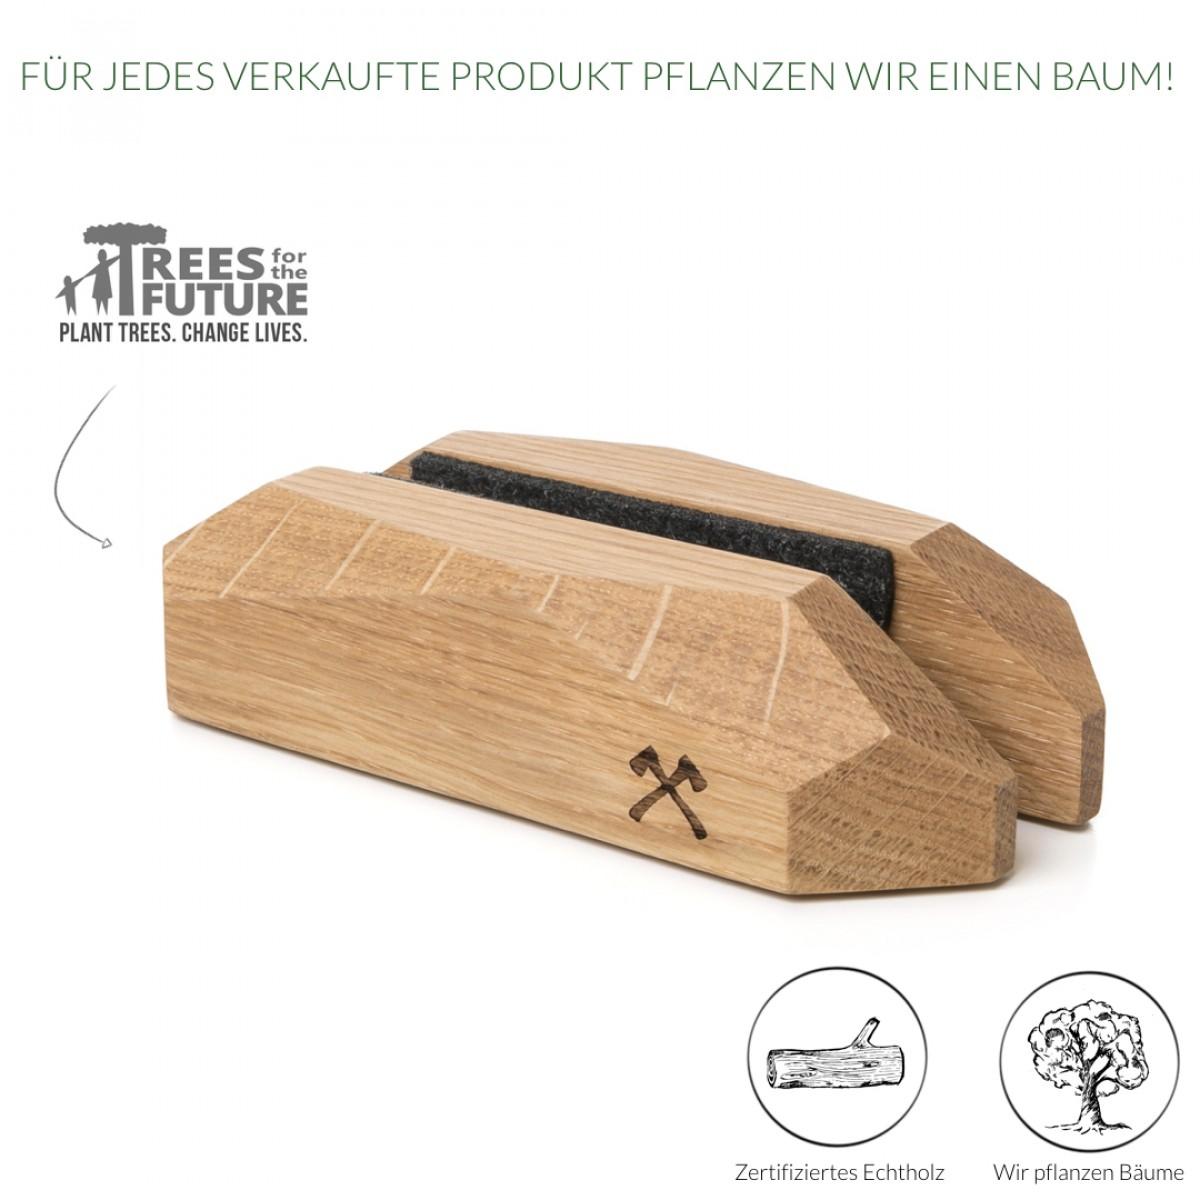 Woodcessories - EcoRest MacBook - Premium Design Ständer, Halterung, Stand, Rest für das Apple MacBook aus massivem FSC-zertifiziertem Holz (Eiche)